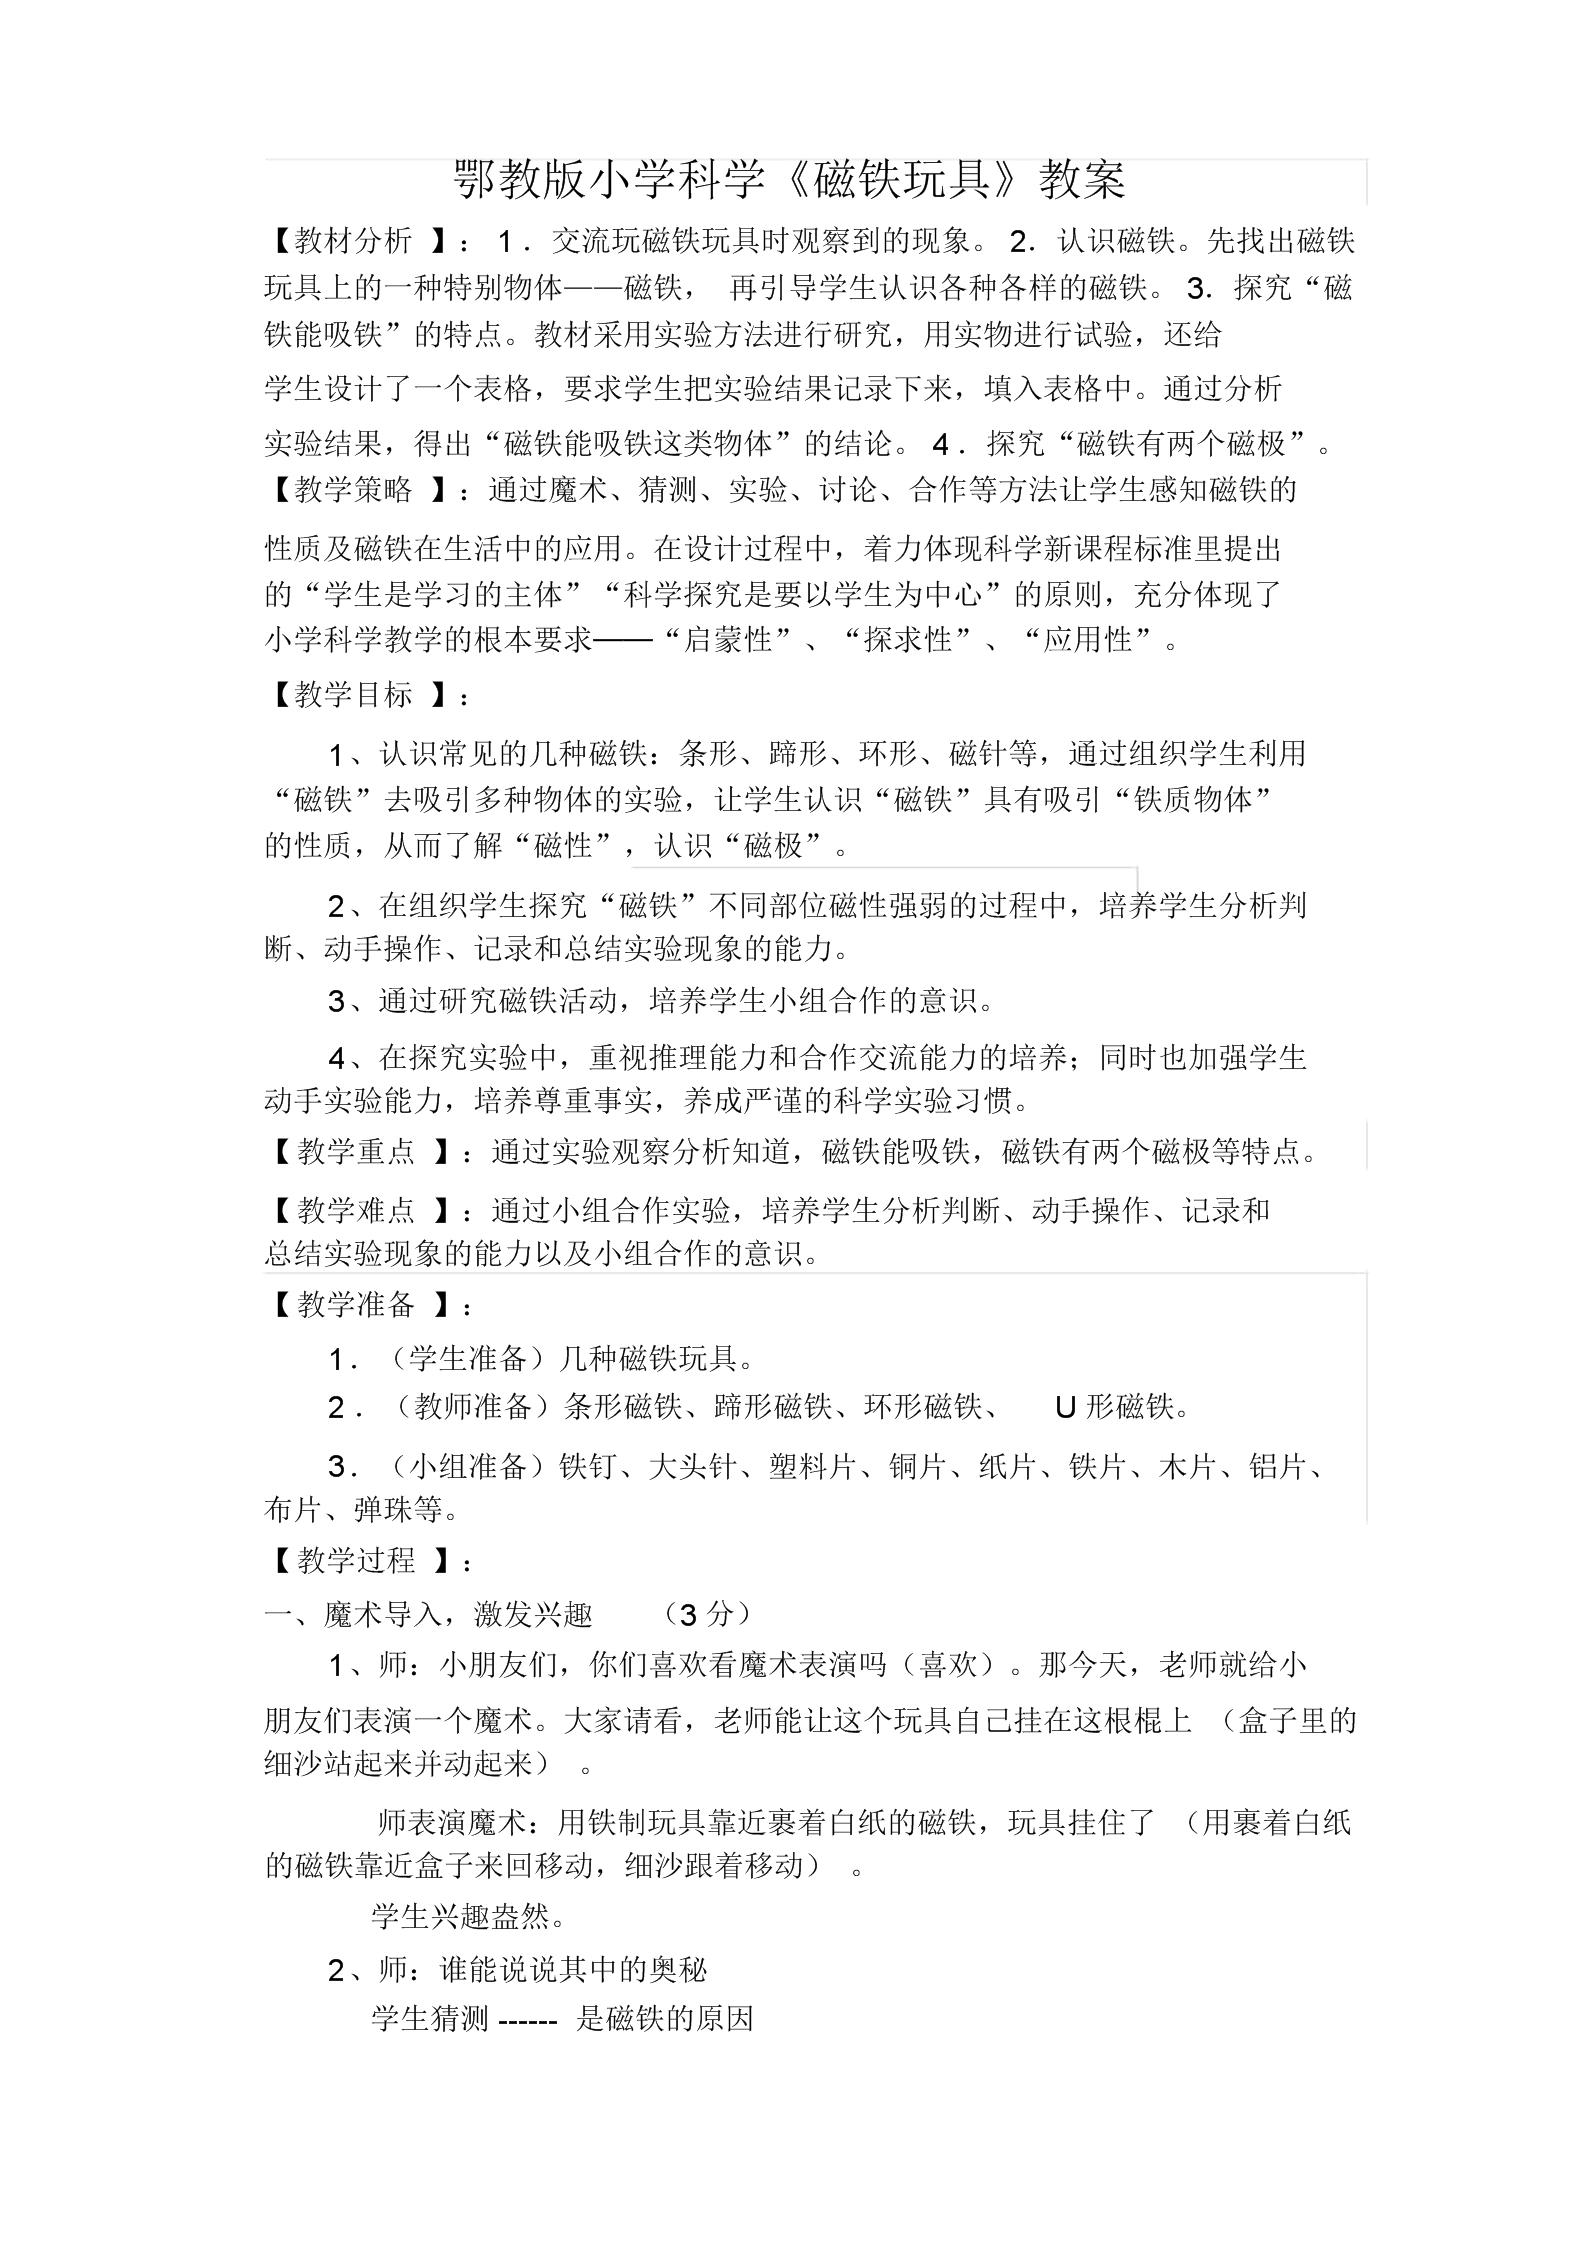 小学科学磁铁玩具教案.docx